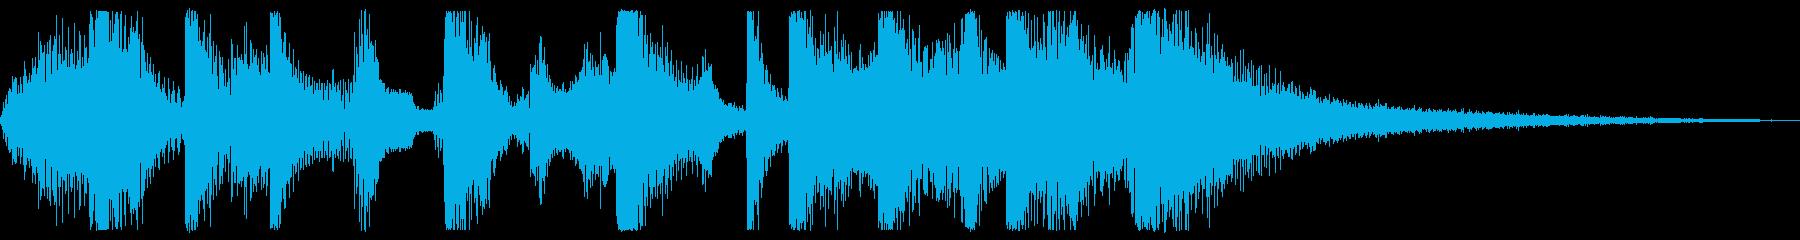 ポップロック研究所ファンキーバウン...の再生済みの波形